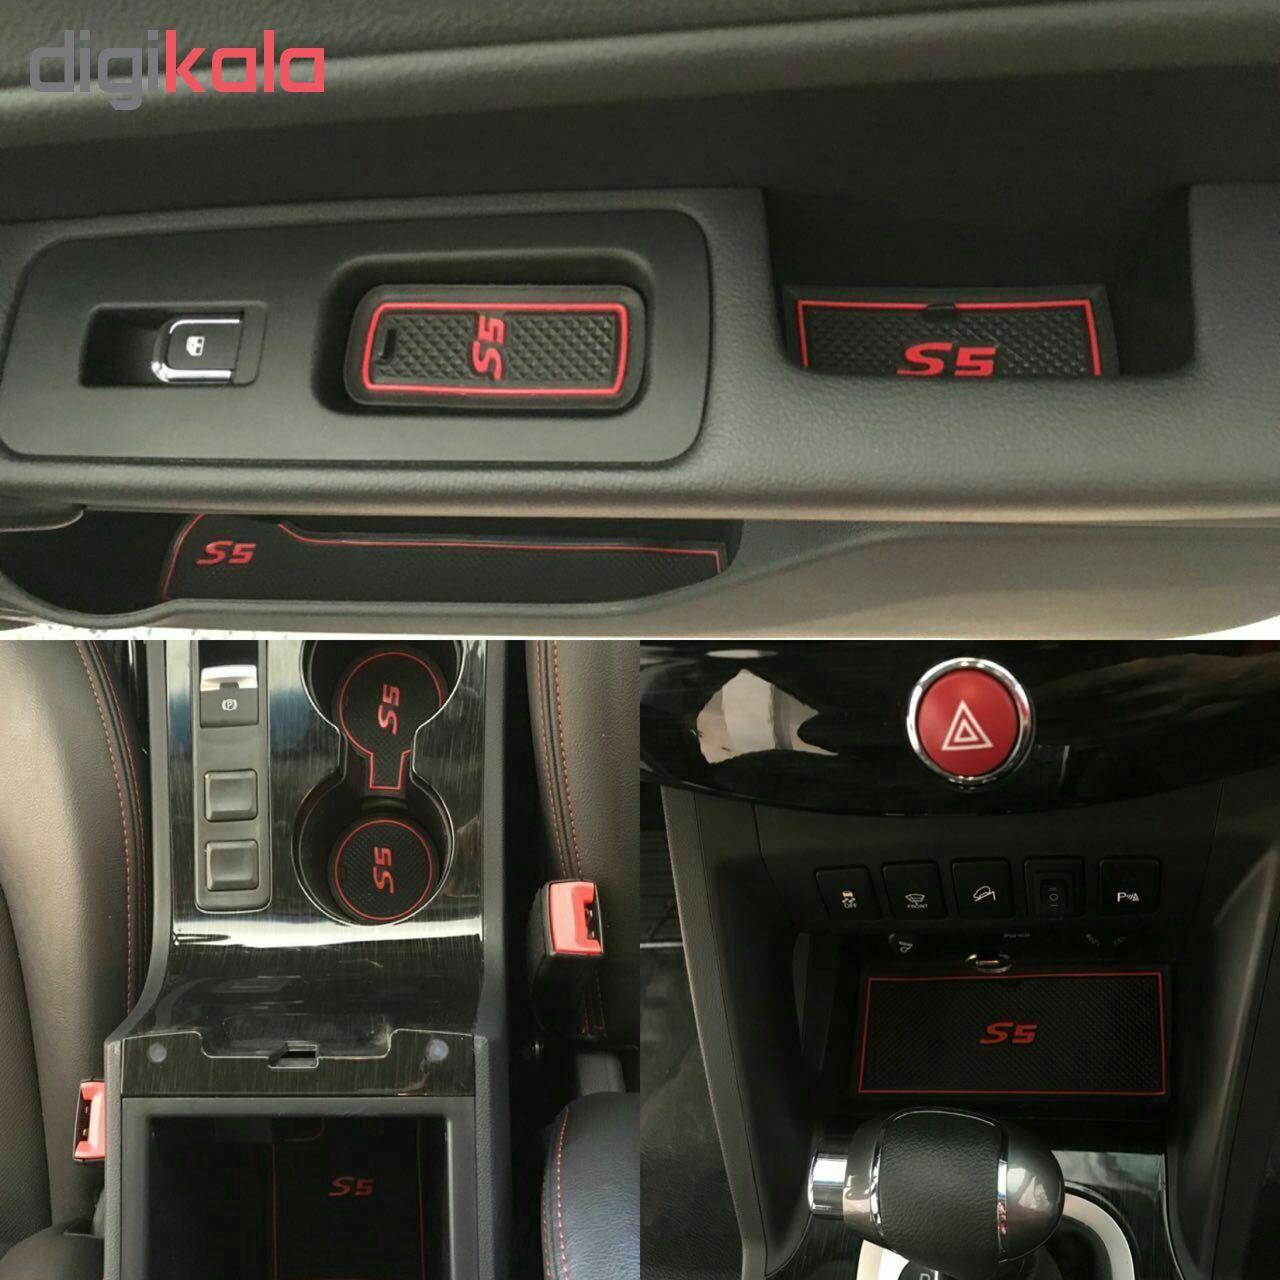 محافظ فضای خودرو مدل S5 مناسب برای جک اس 5 main 1 3